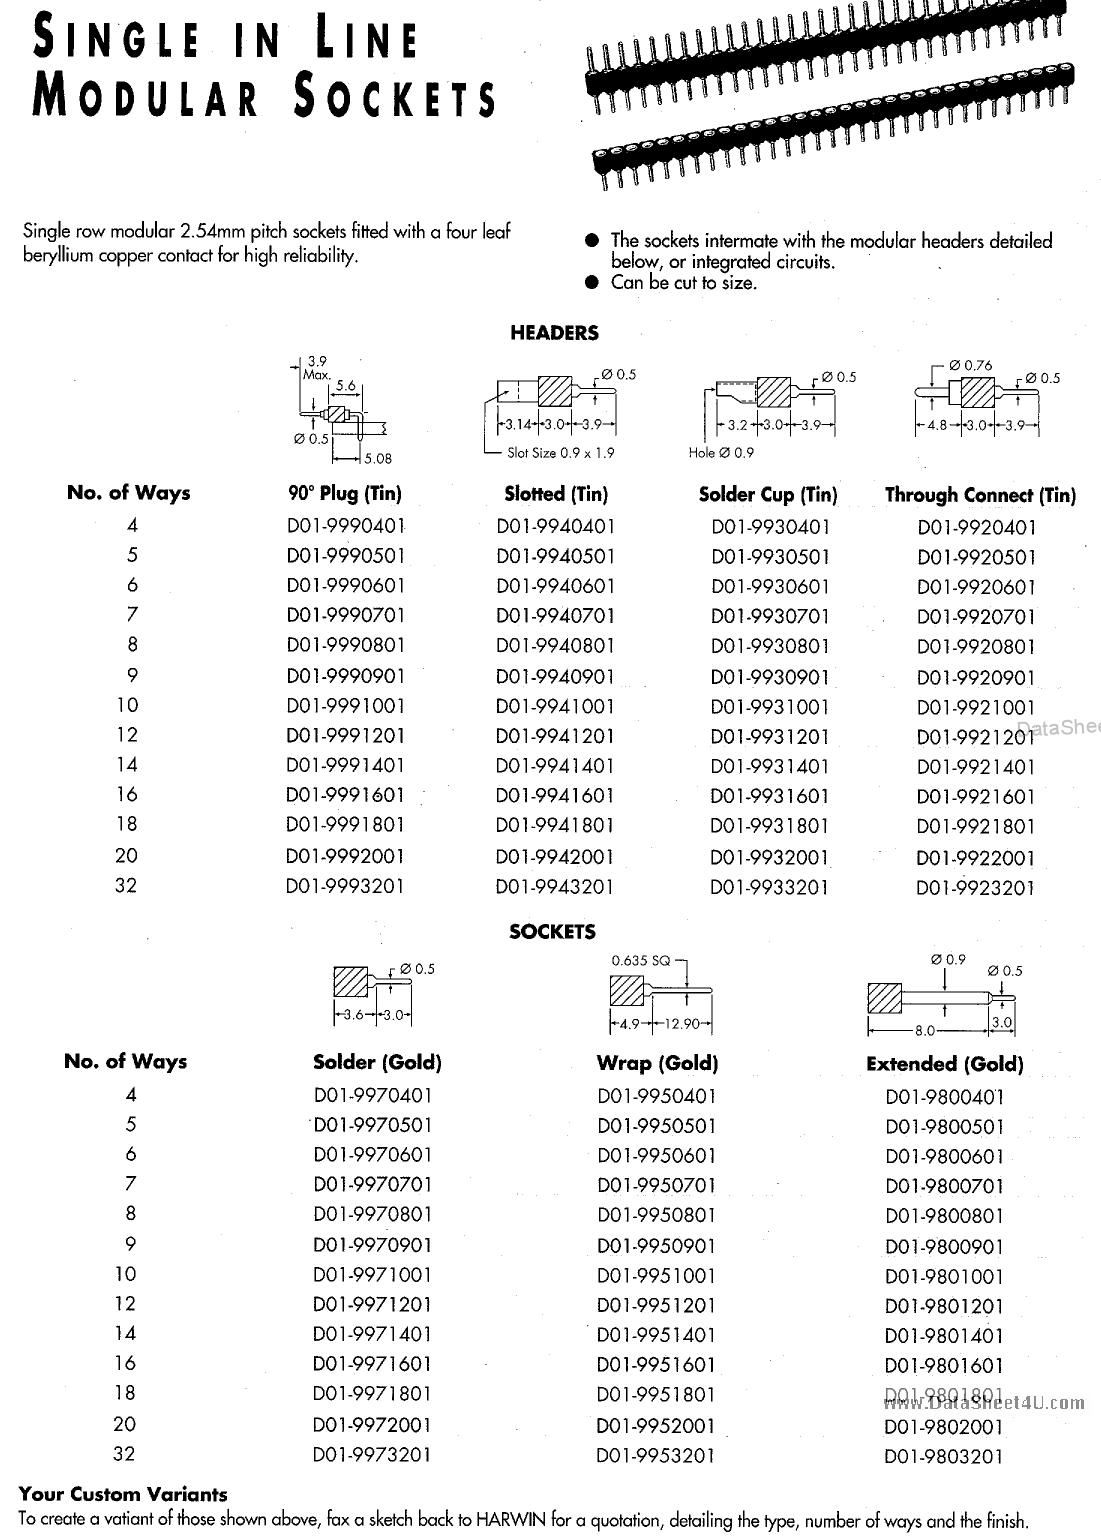 D01-9973201 datasheet